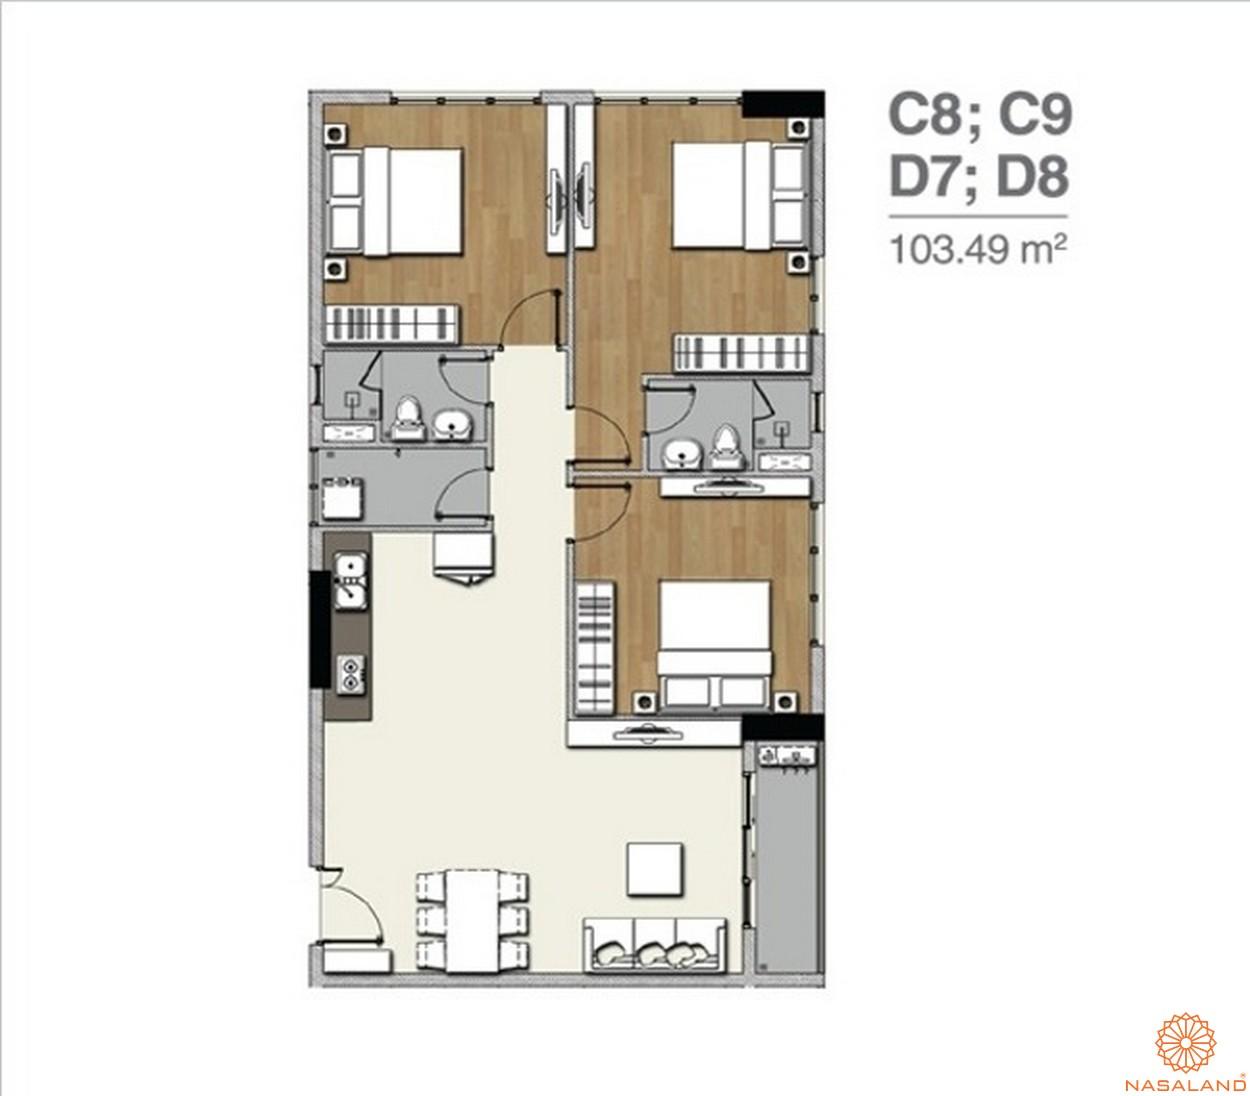 Mặt bằng dự án căn hộ Florita quận 7 căn 3PN